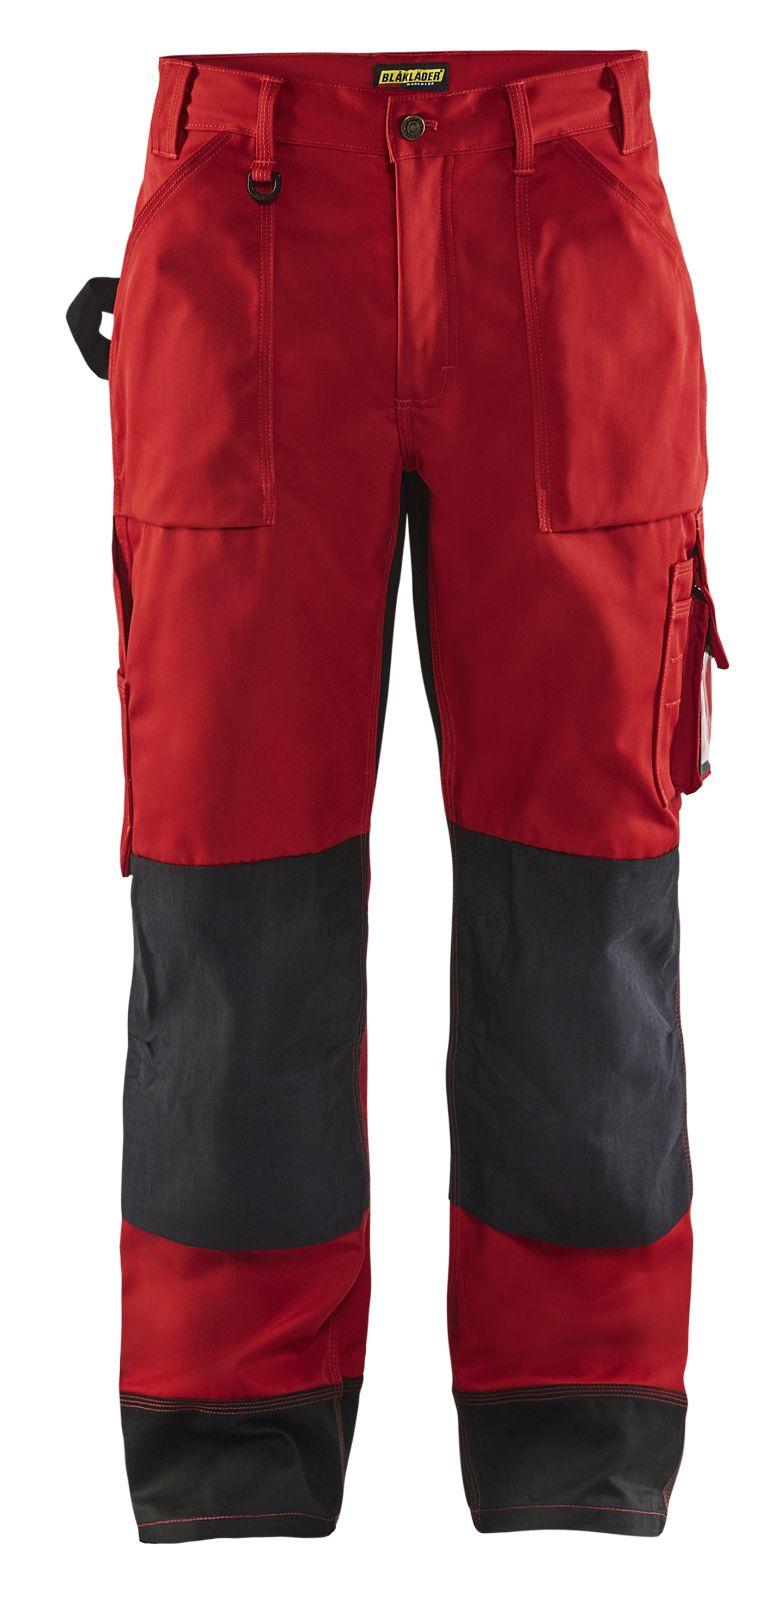 Blaklader Werkbroeken 15231860 rood-zwart(5699)